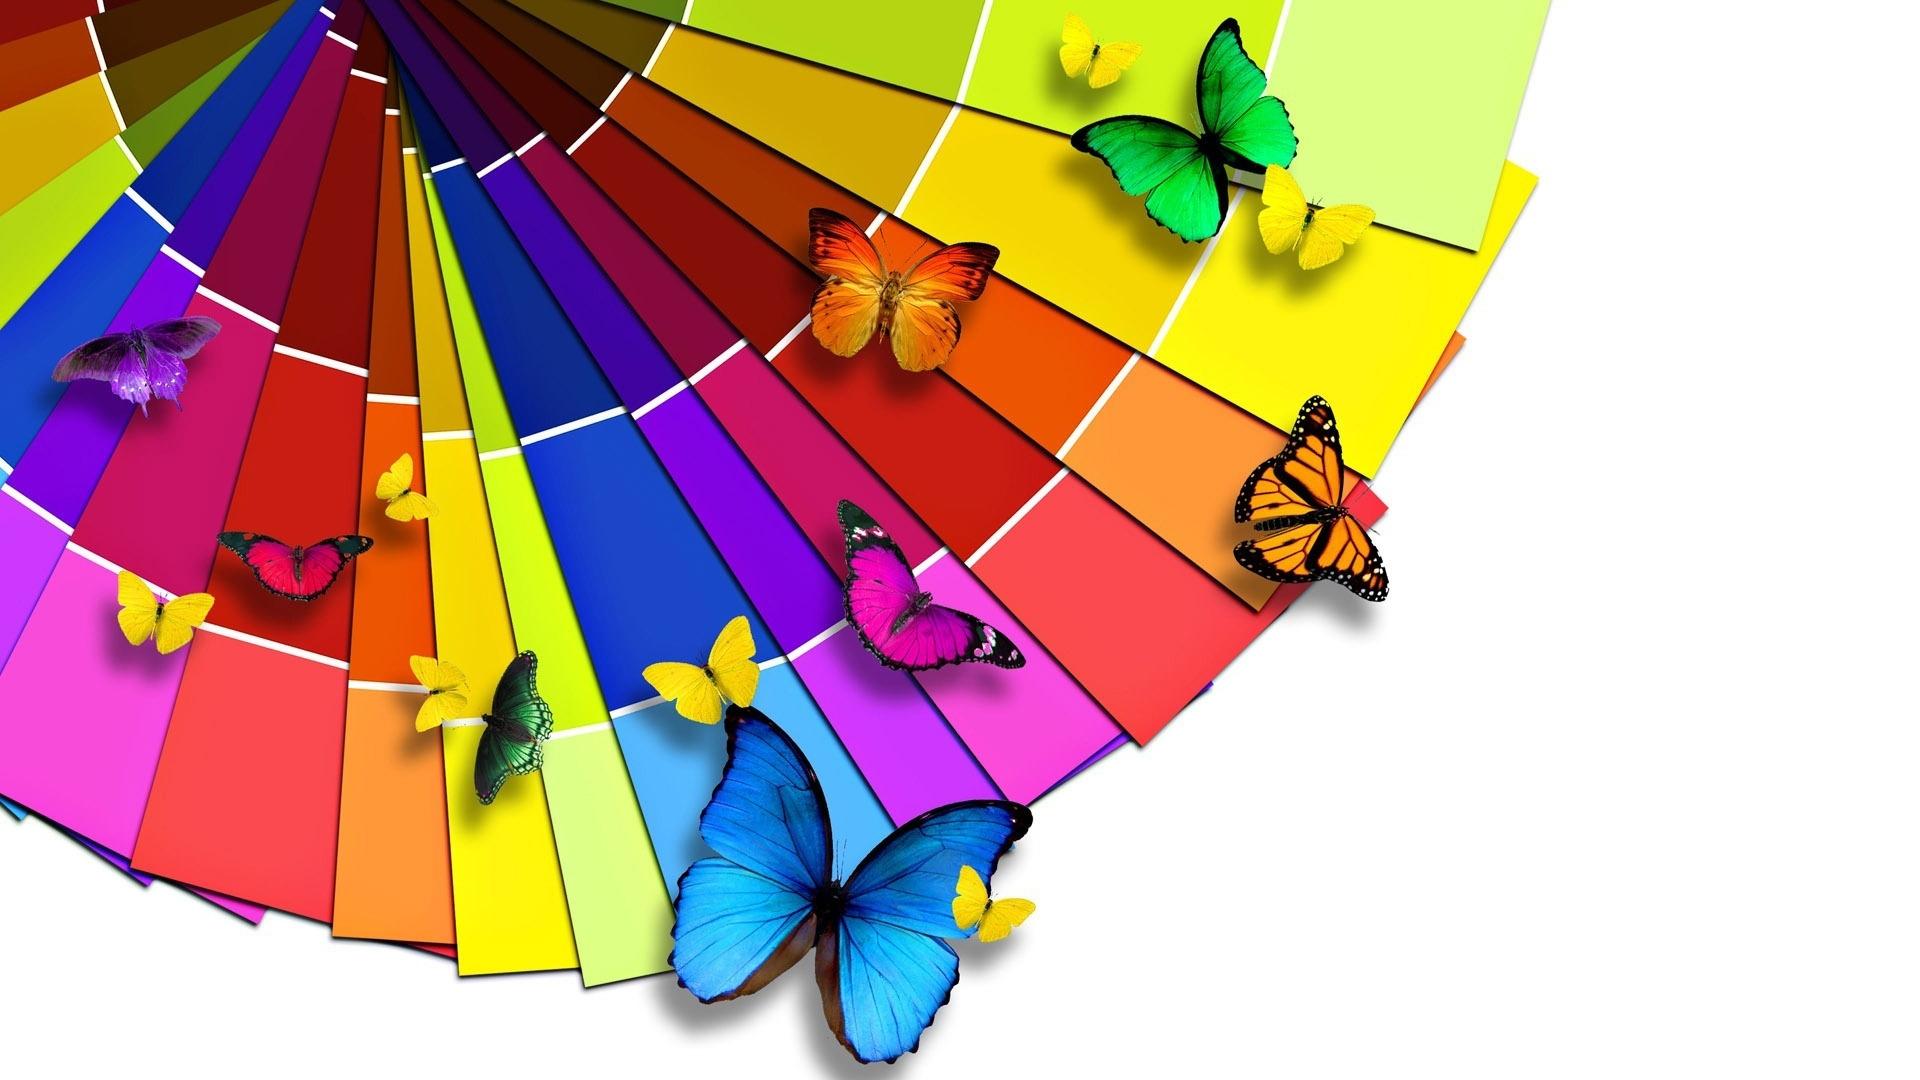 Butterfly Range 1920 x 1080 HDTV 1080p Wallpaper